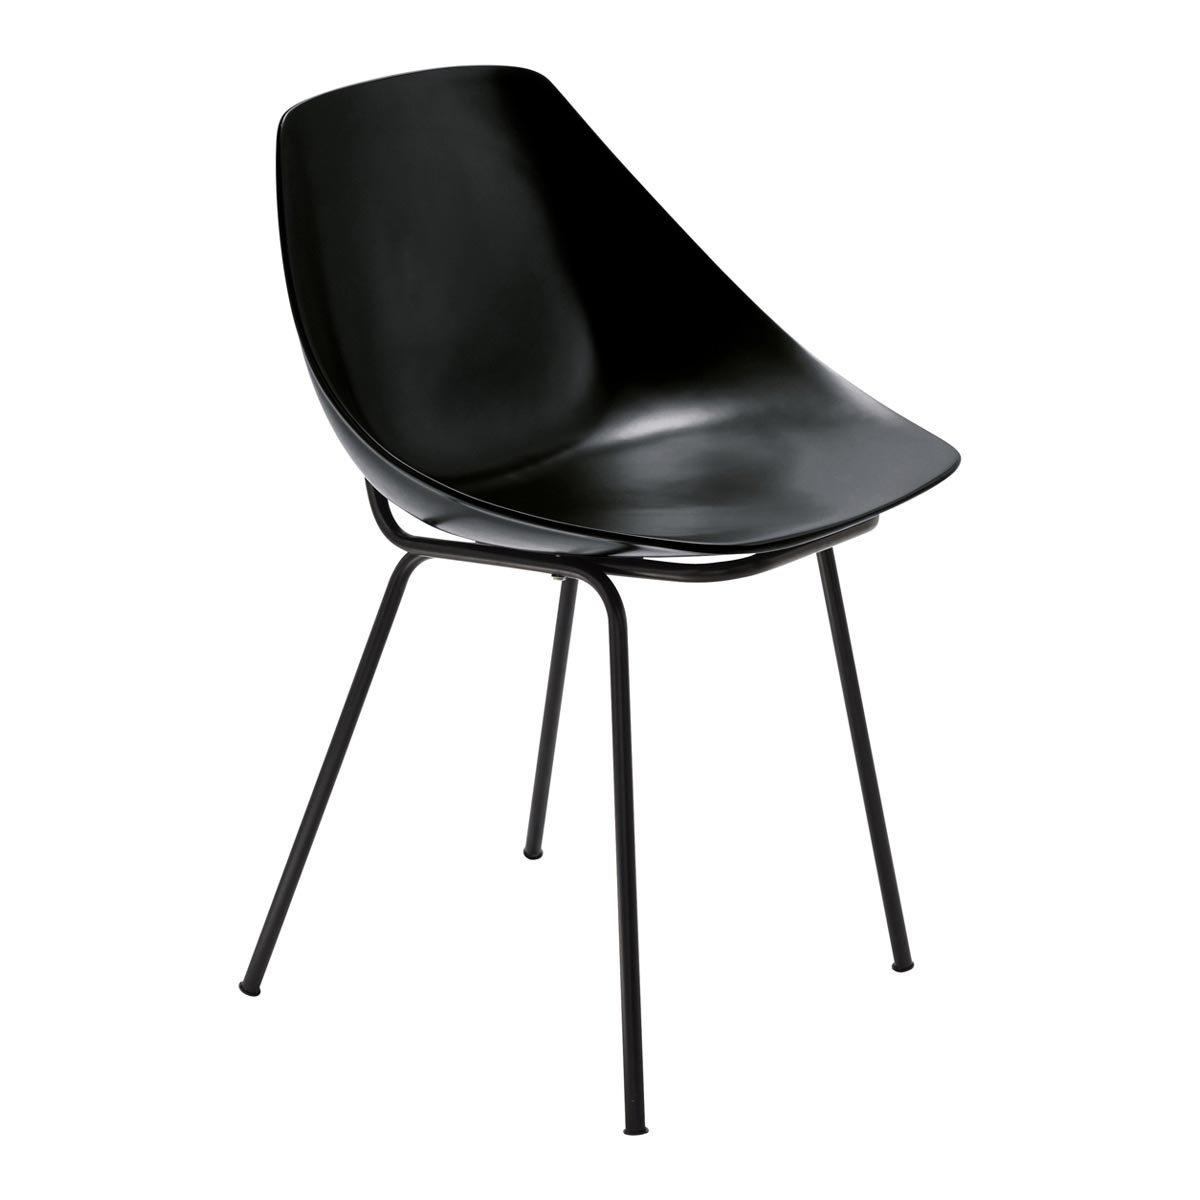 Jeu concours une chaise coquillage de pierre guariche par maisons du monde - Chaises maison du monde ...